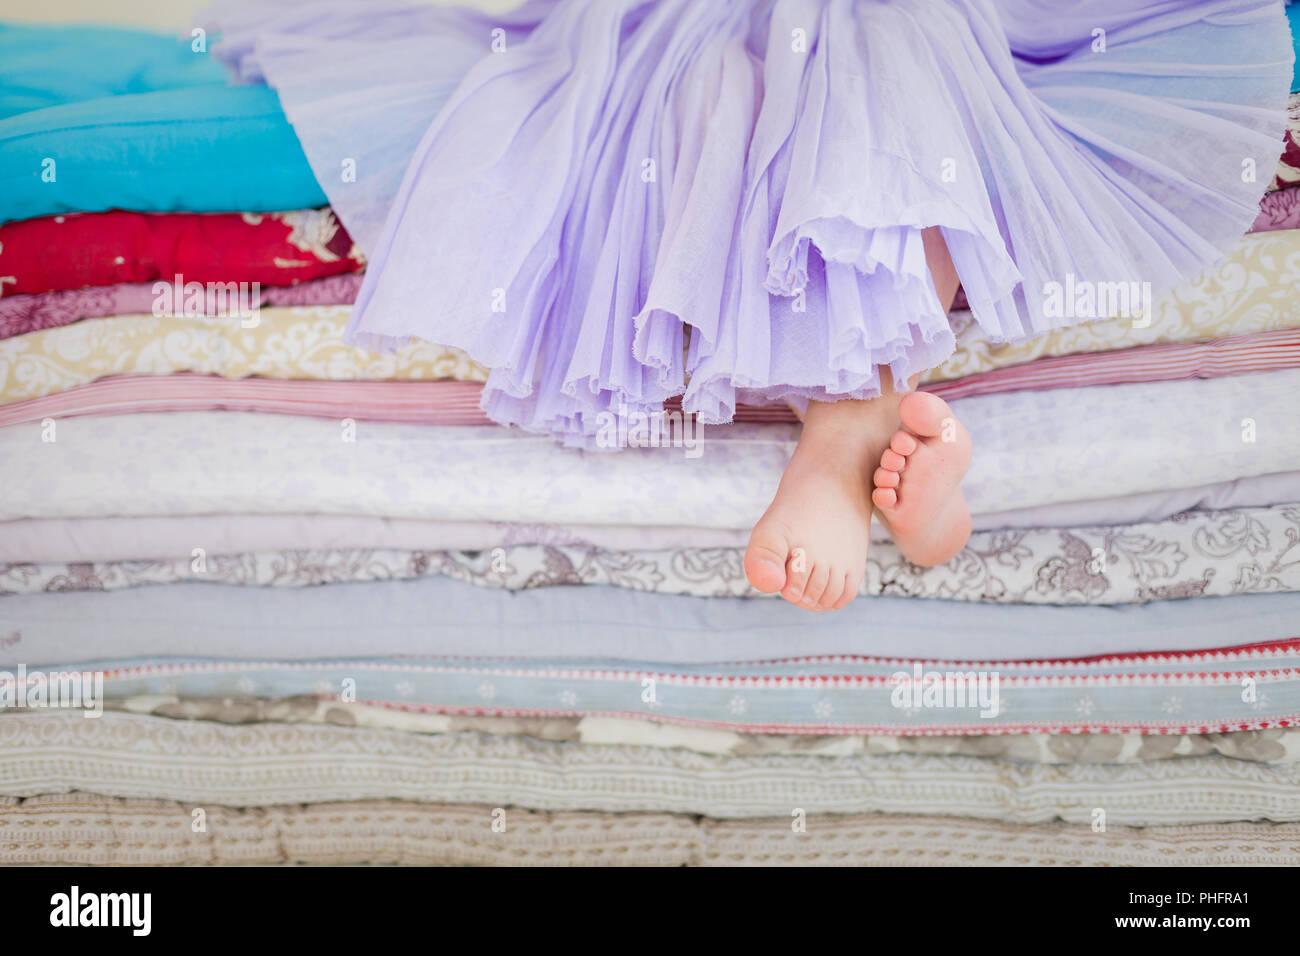 La bambina in un vestito rosa si siede sul letto fotografia stock